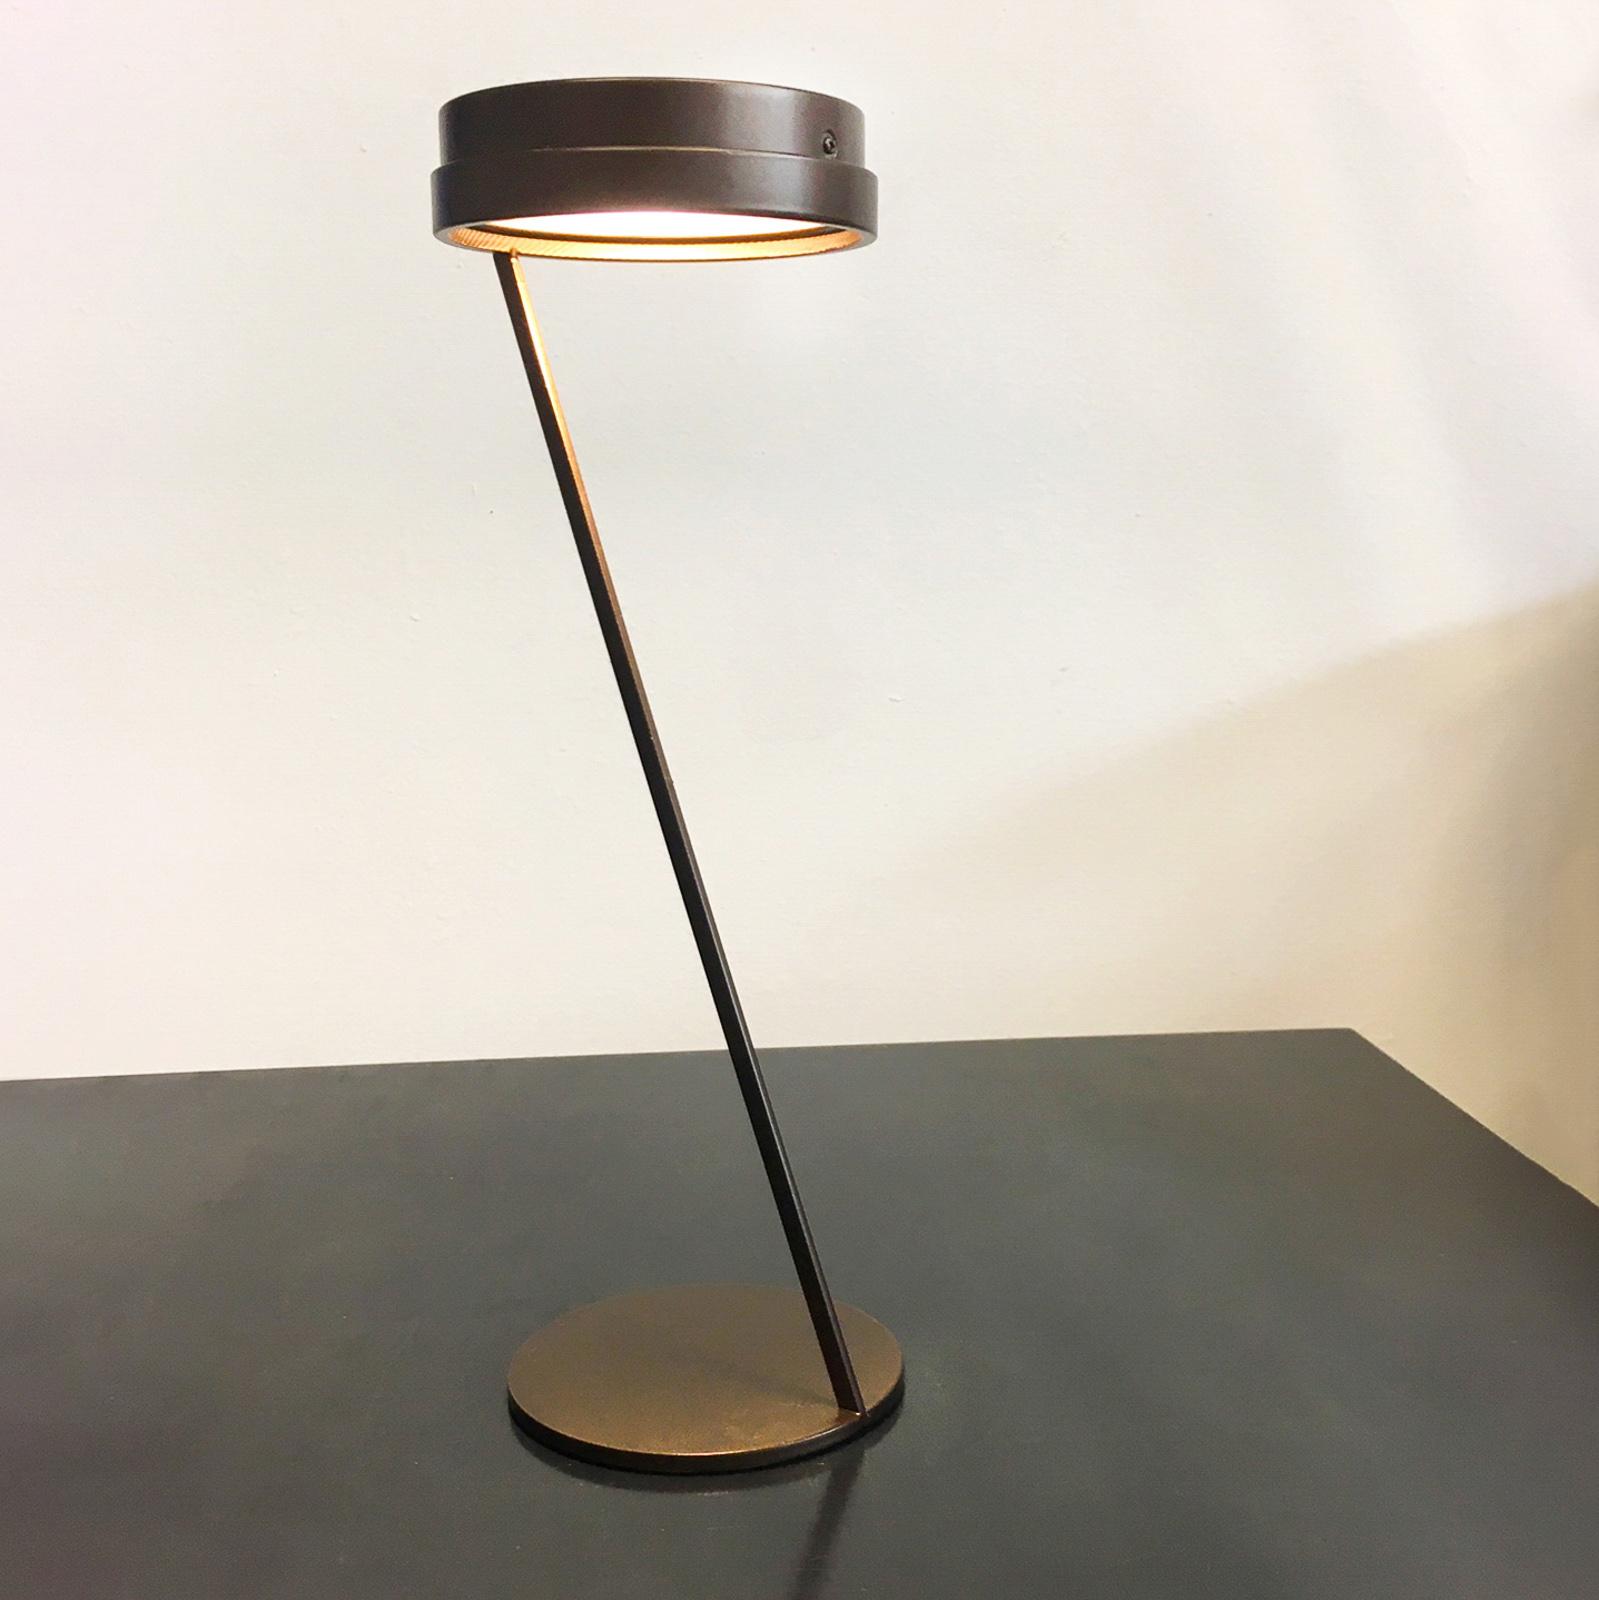 Knikerboker Zeta LED-pöytälamppu tunnistin, coffee